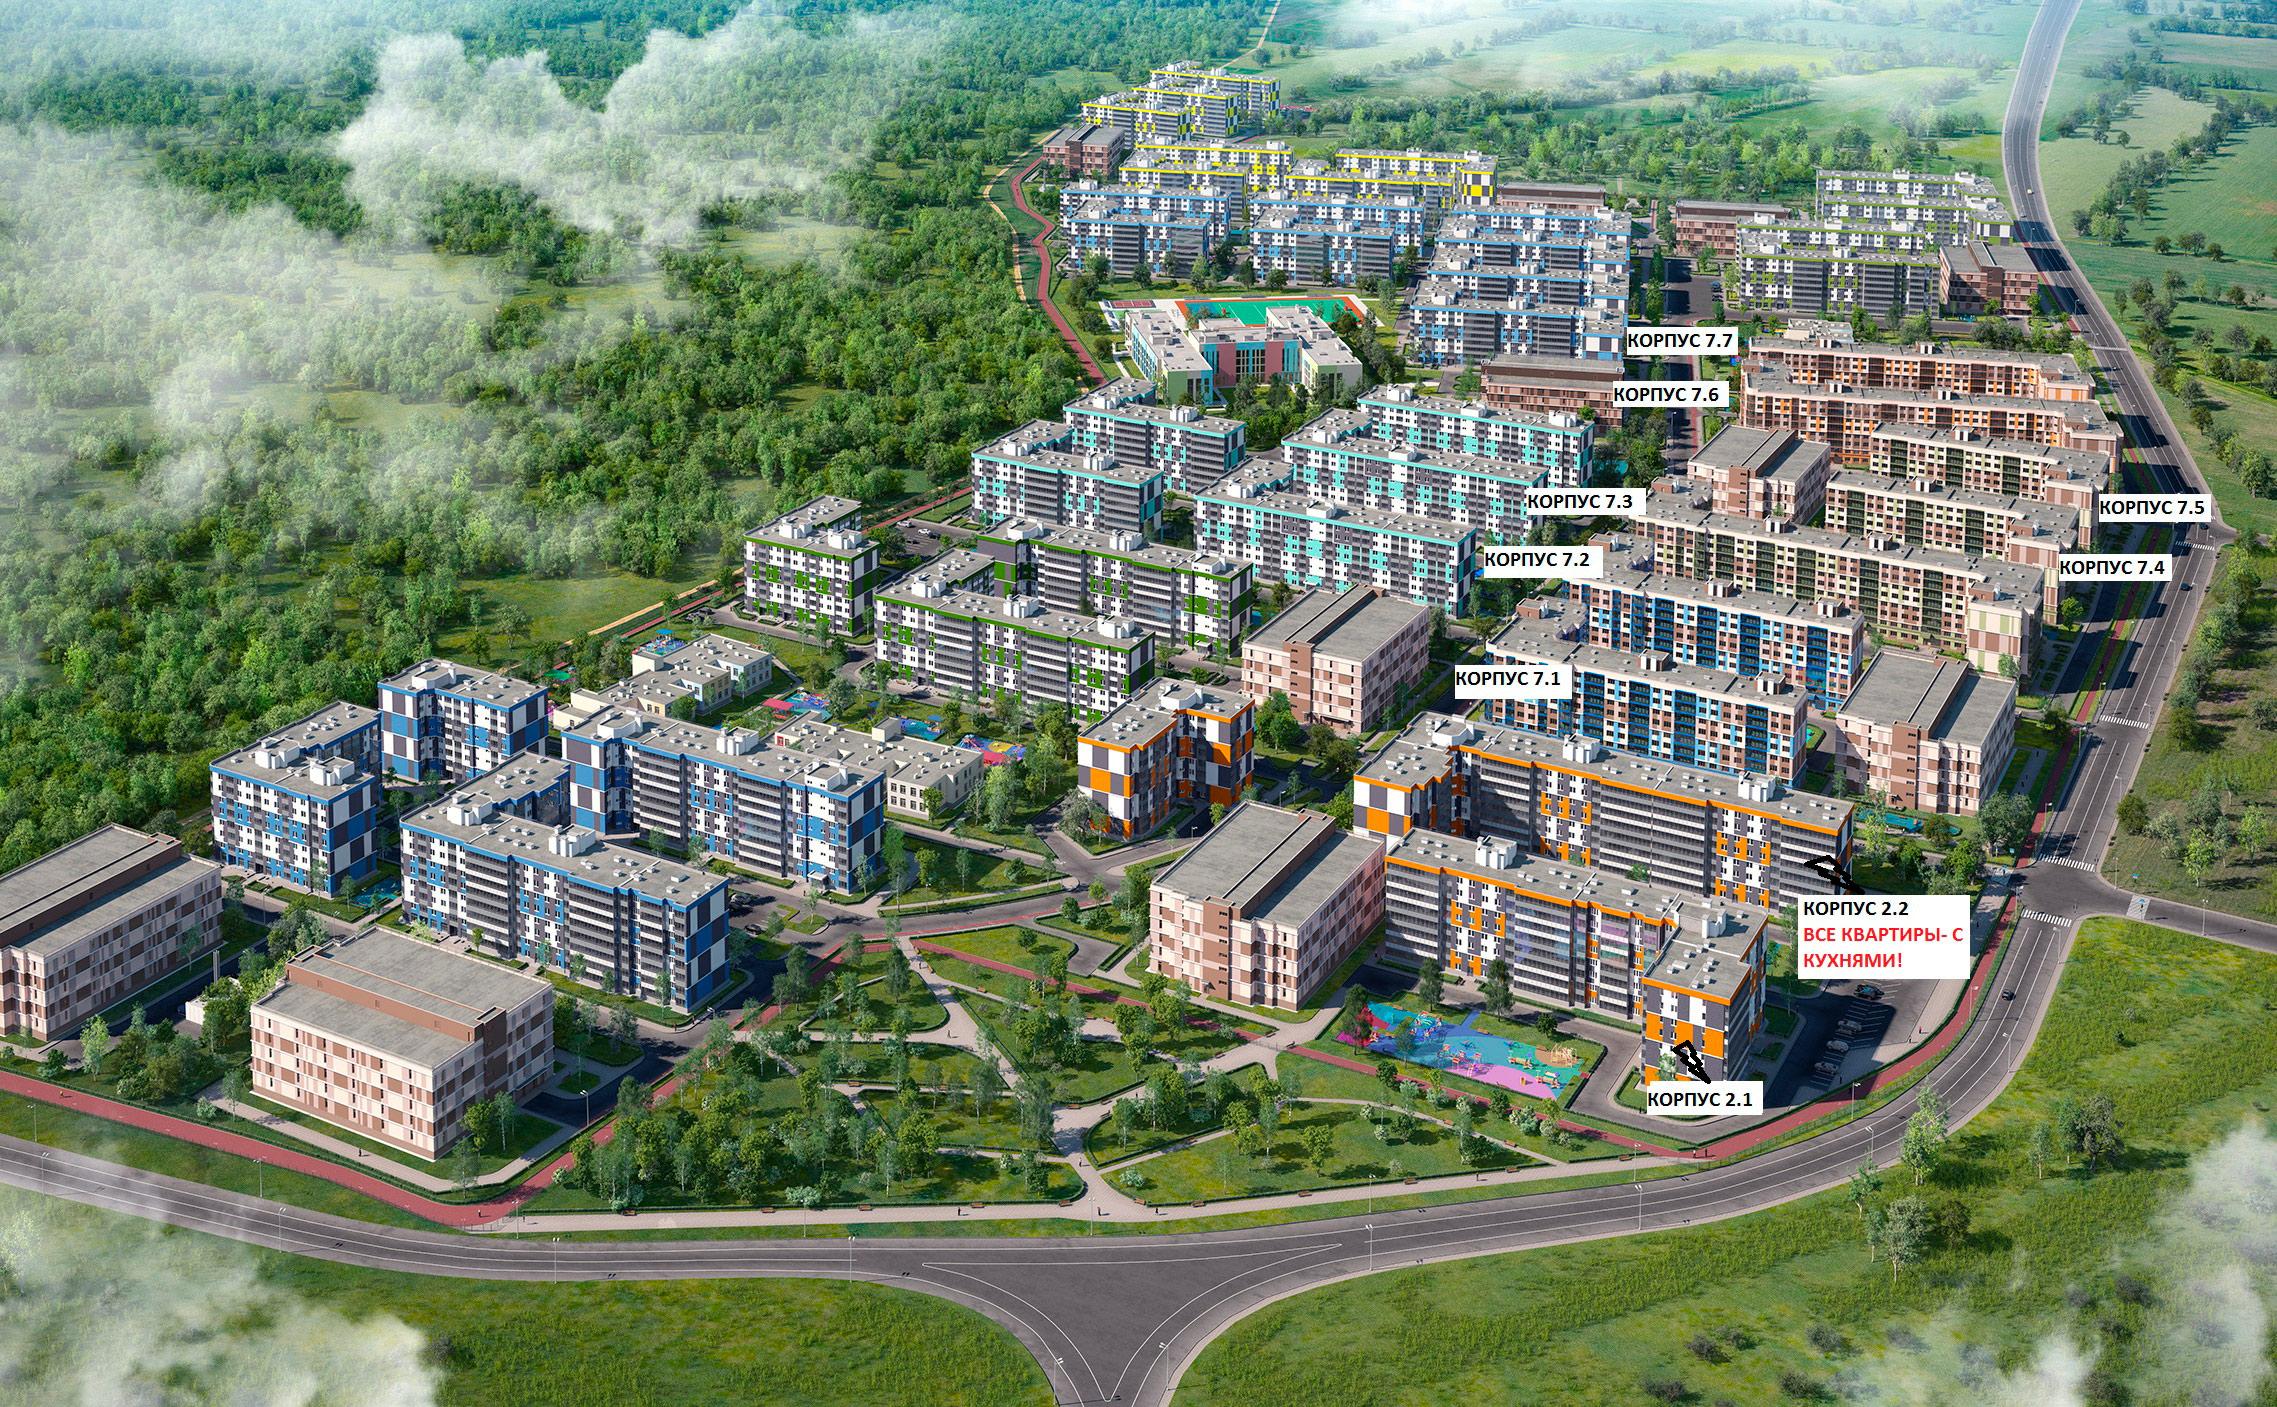 План жилого комплекса ЖК Ясно.Янино